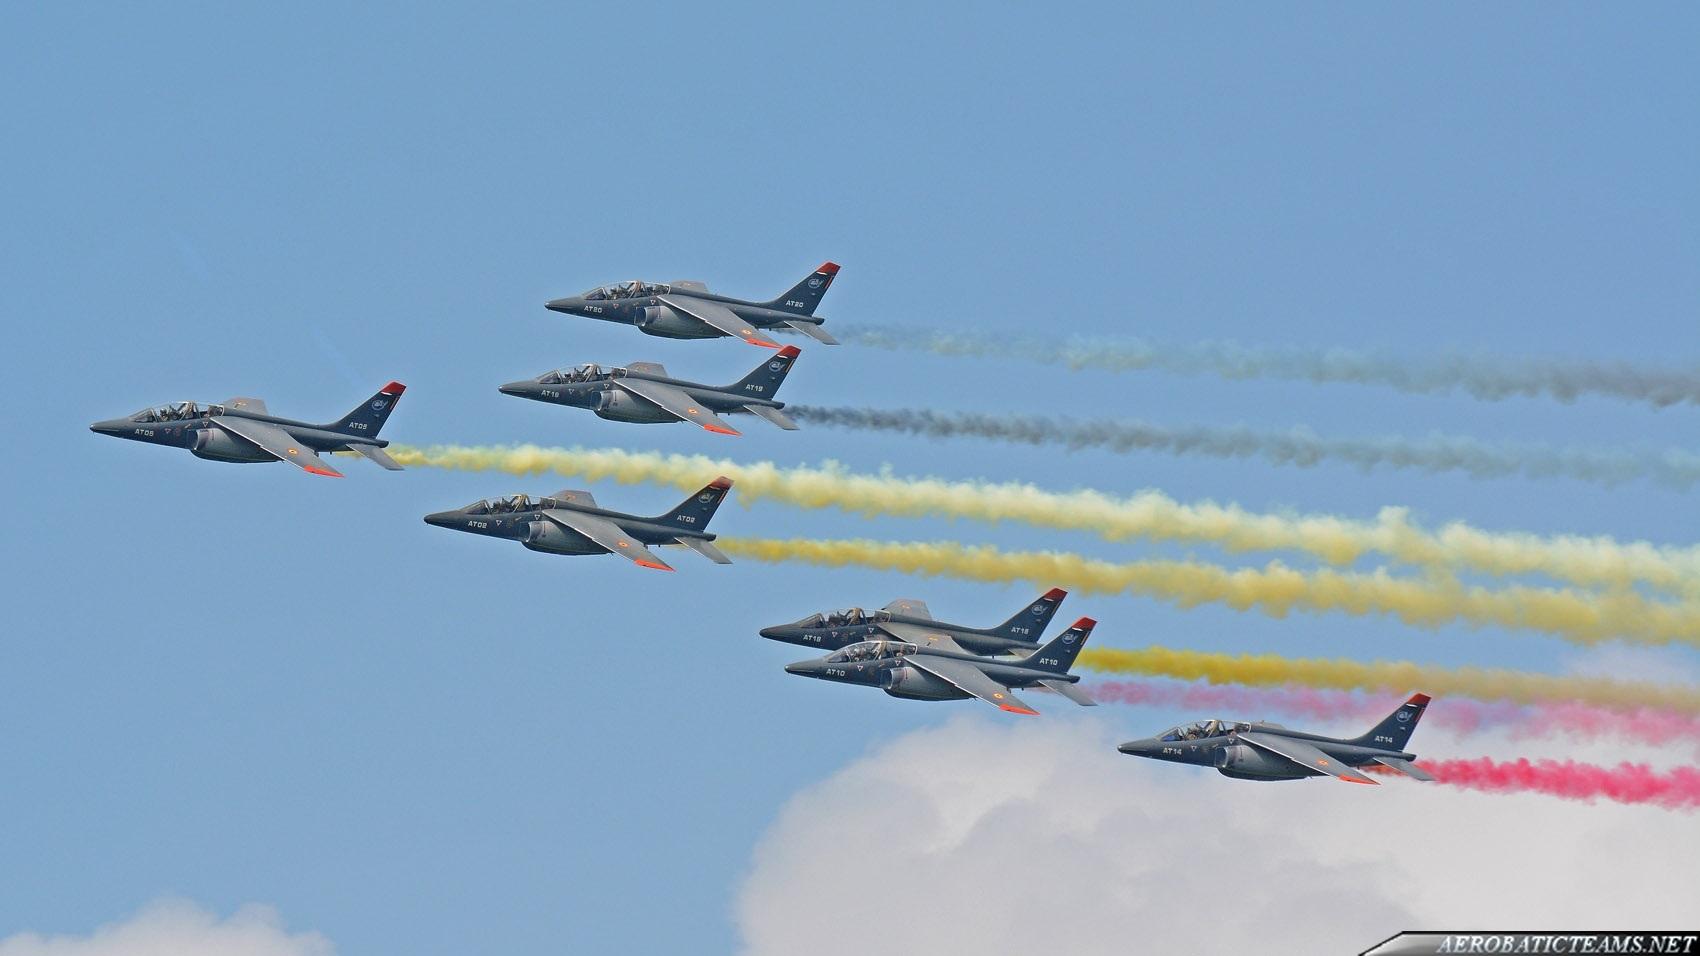 BAF Alpha Jet formation